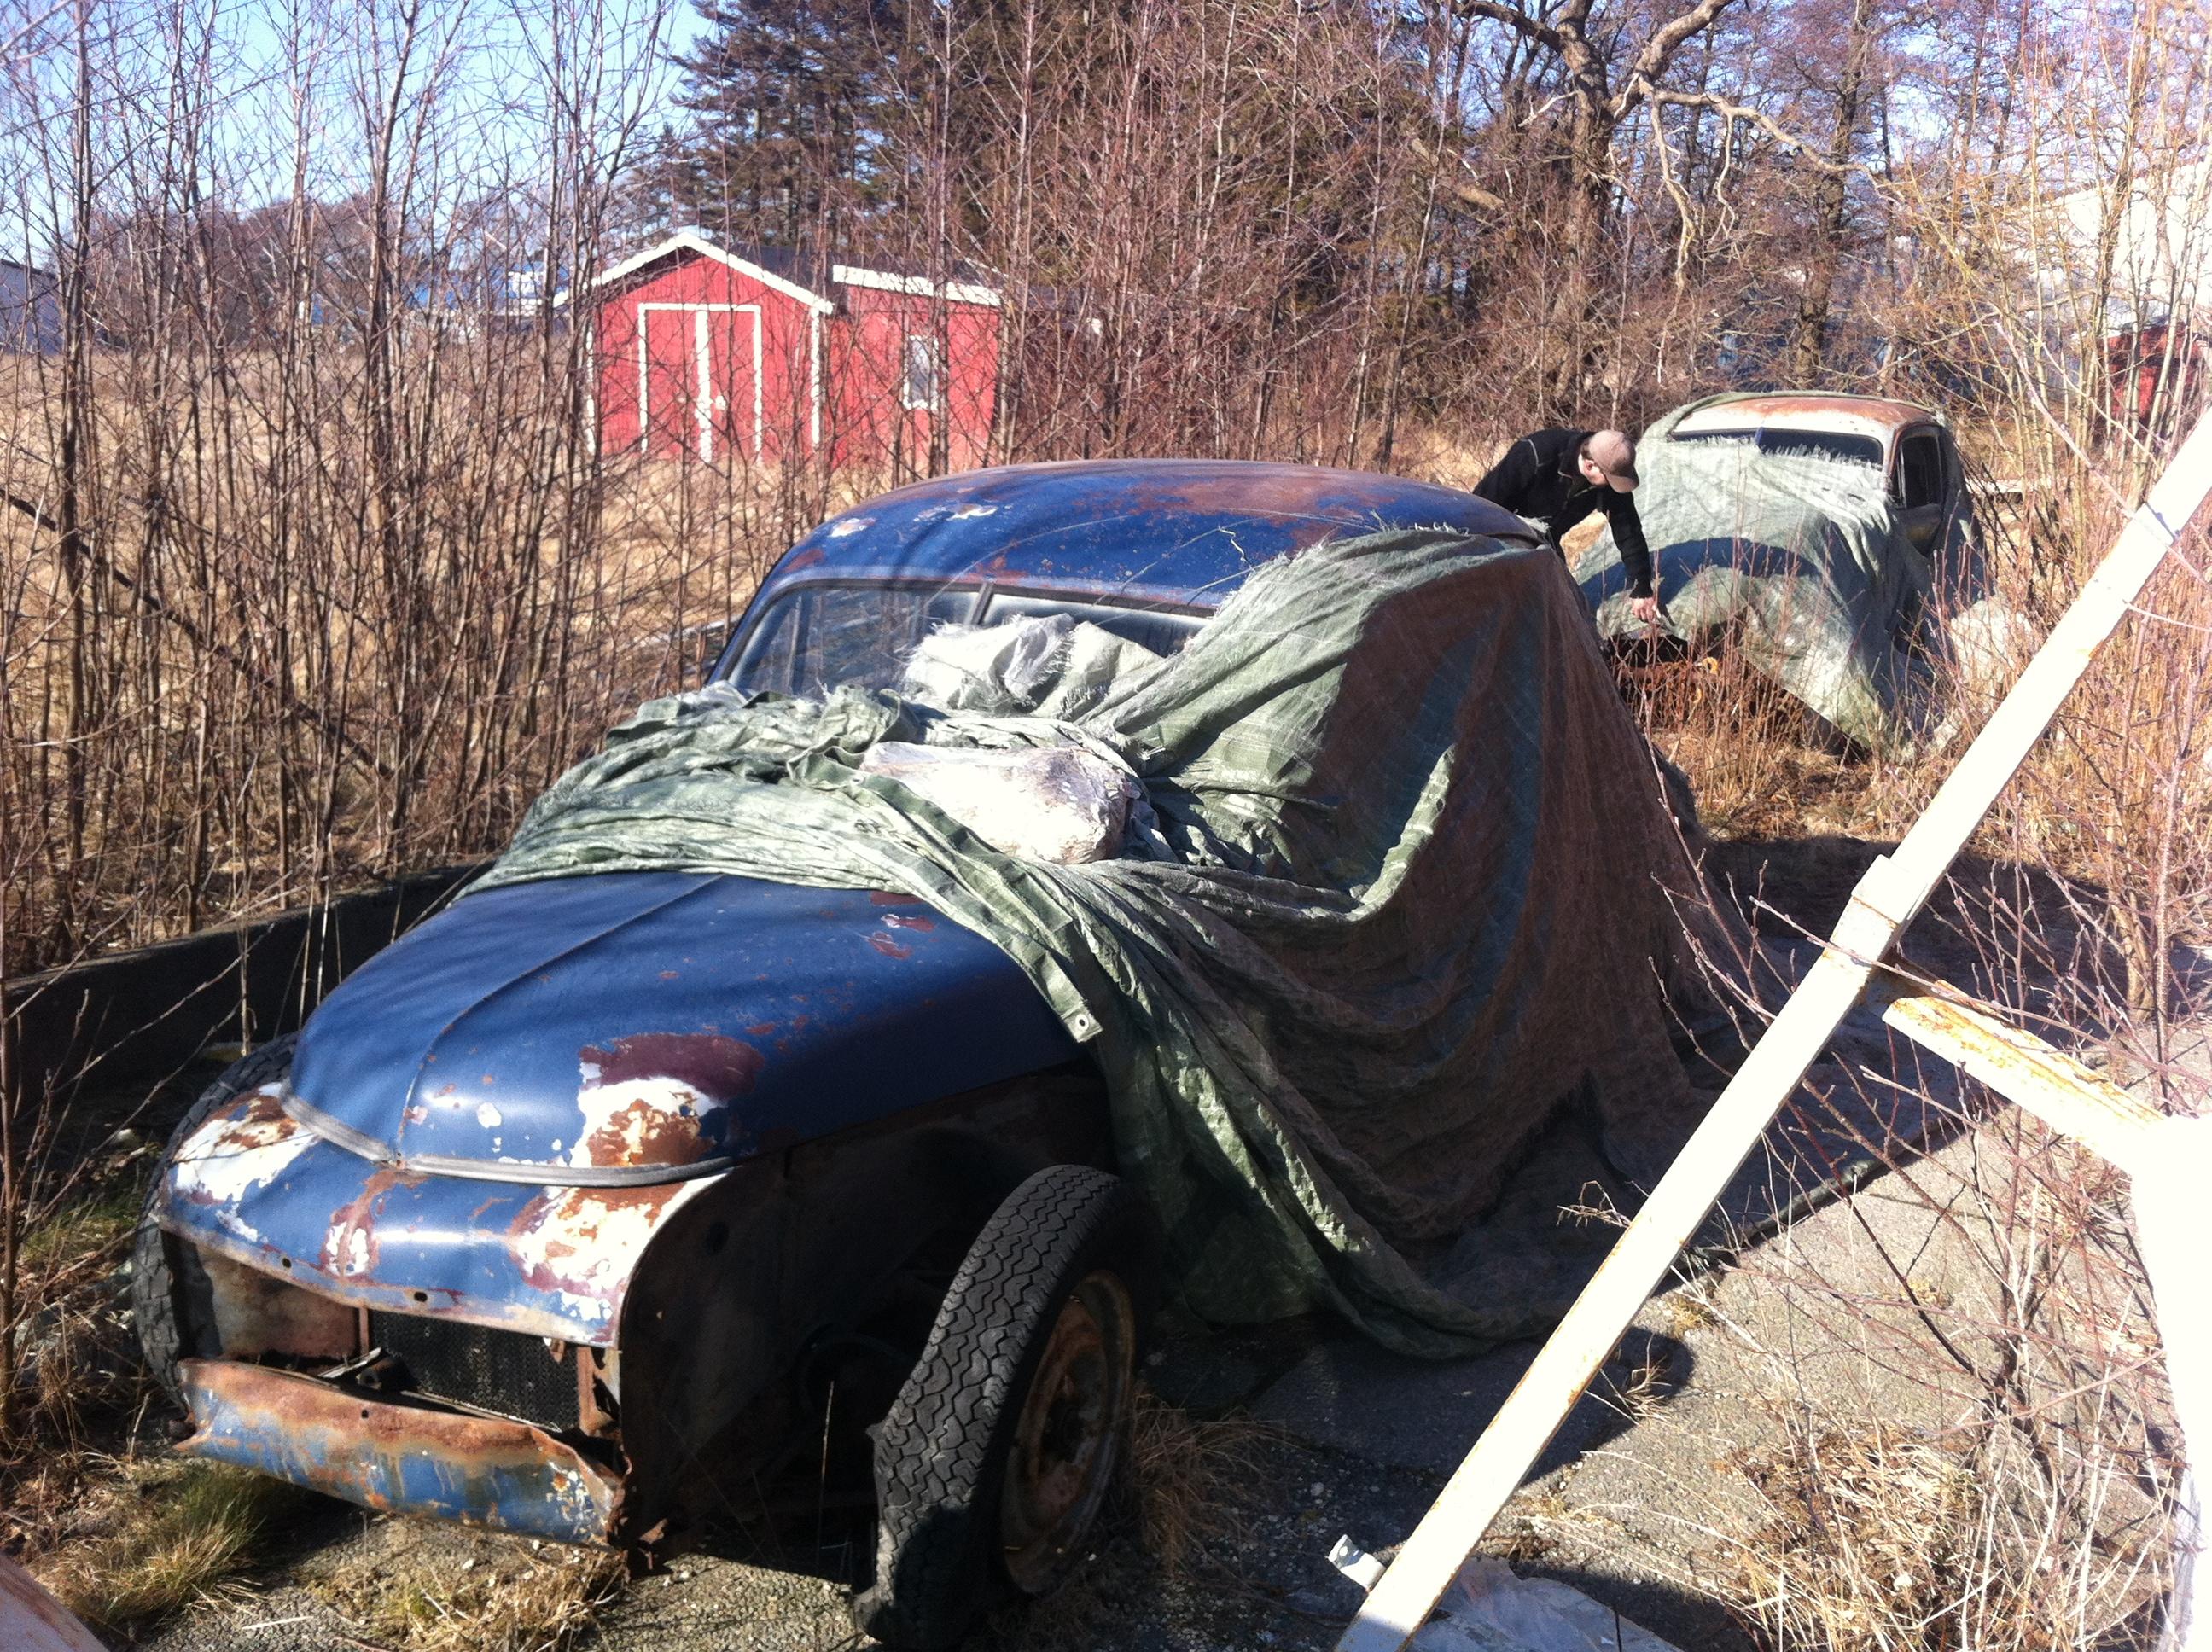 Ämnet, skrota bilen eller inte, tycks alltid vara aktuellt för diskussioner, beräkningar eller allmänna bedömningar.